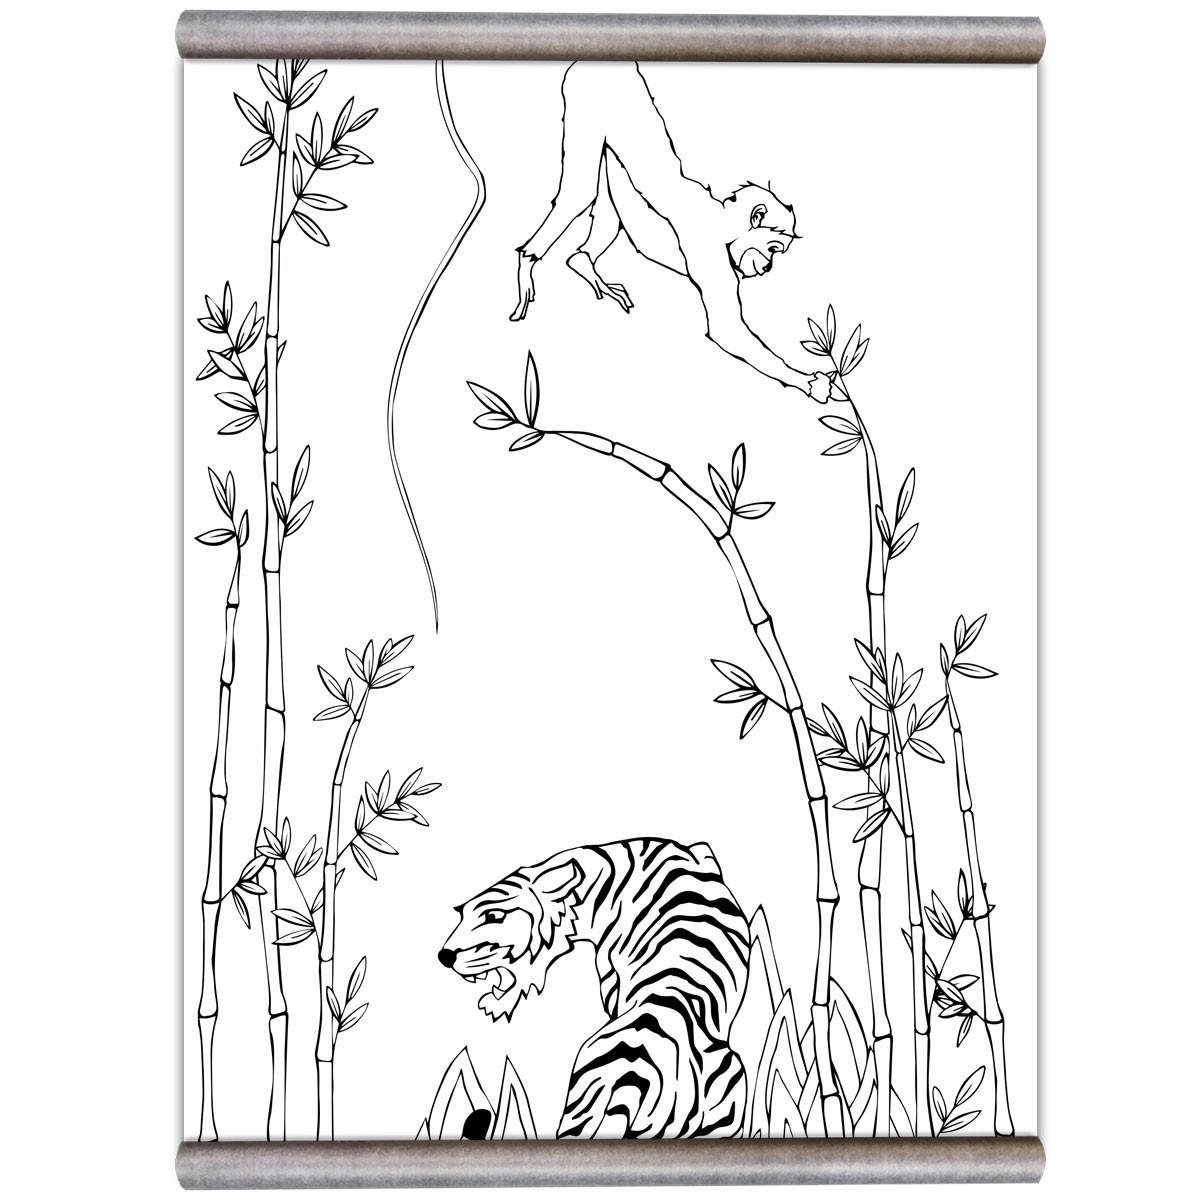 Groovy Magnets Magnet blanc imprimé jungle